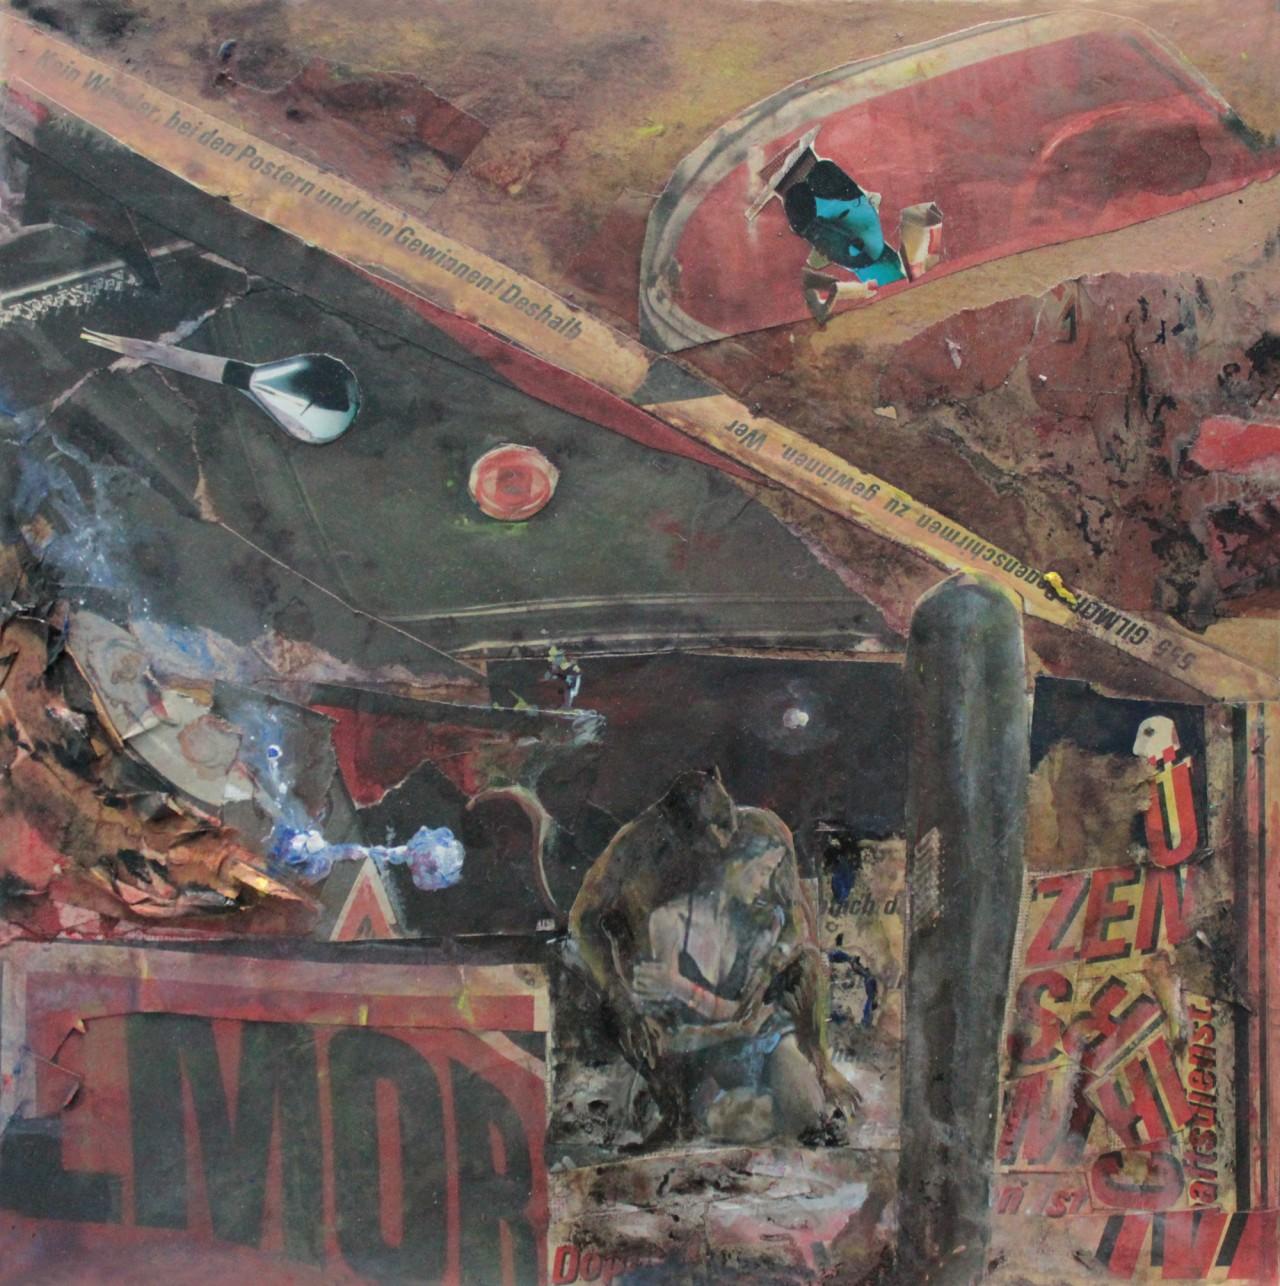 Entartete Zimmer 9 - Cerezo Montilla - compar cuadros modernos, comprar cuadros, cuadros modernos